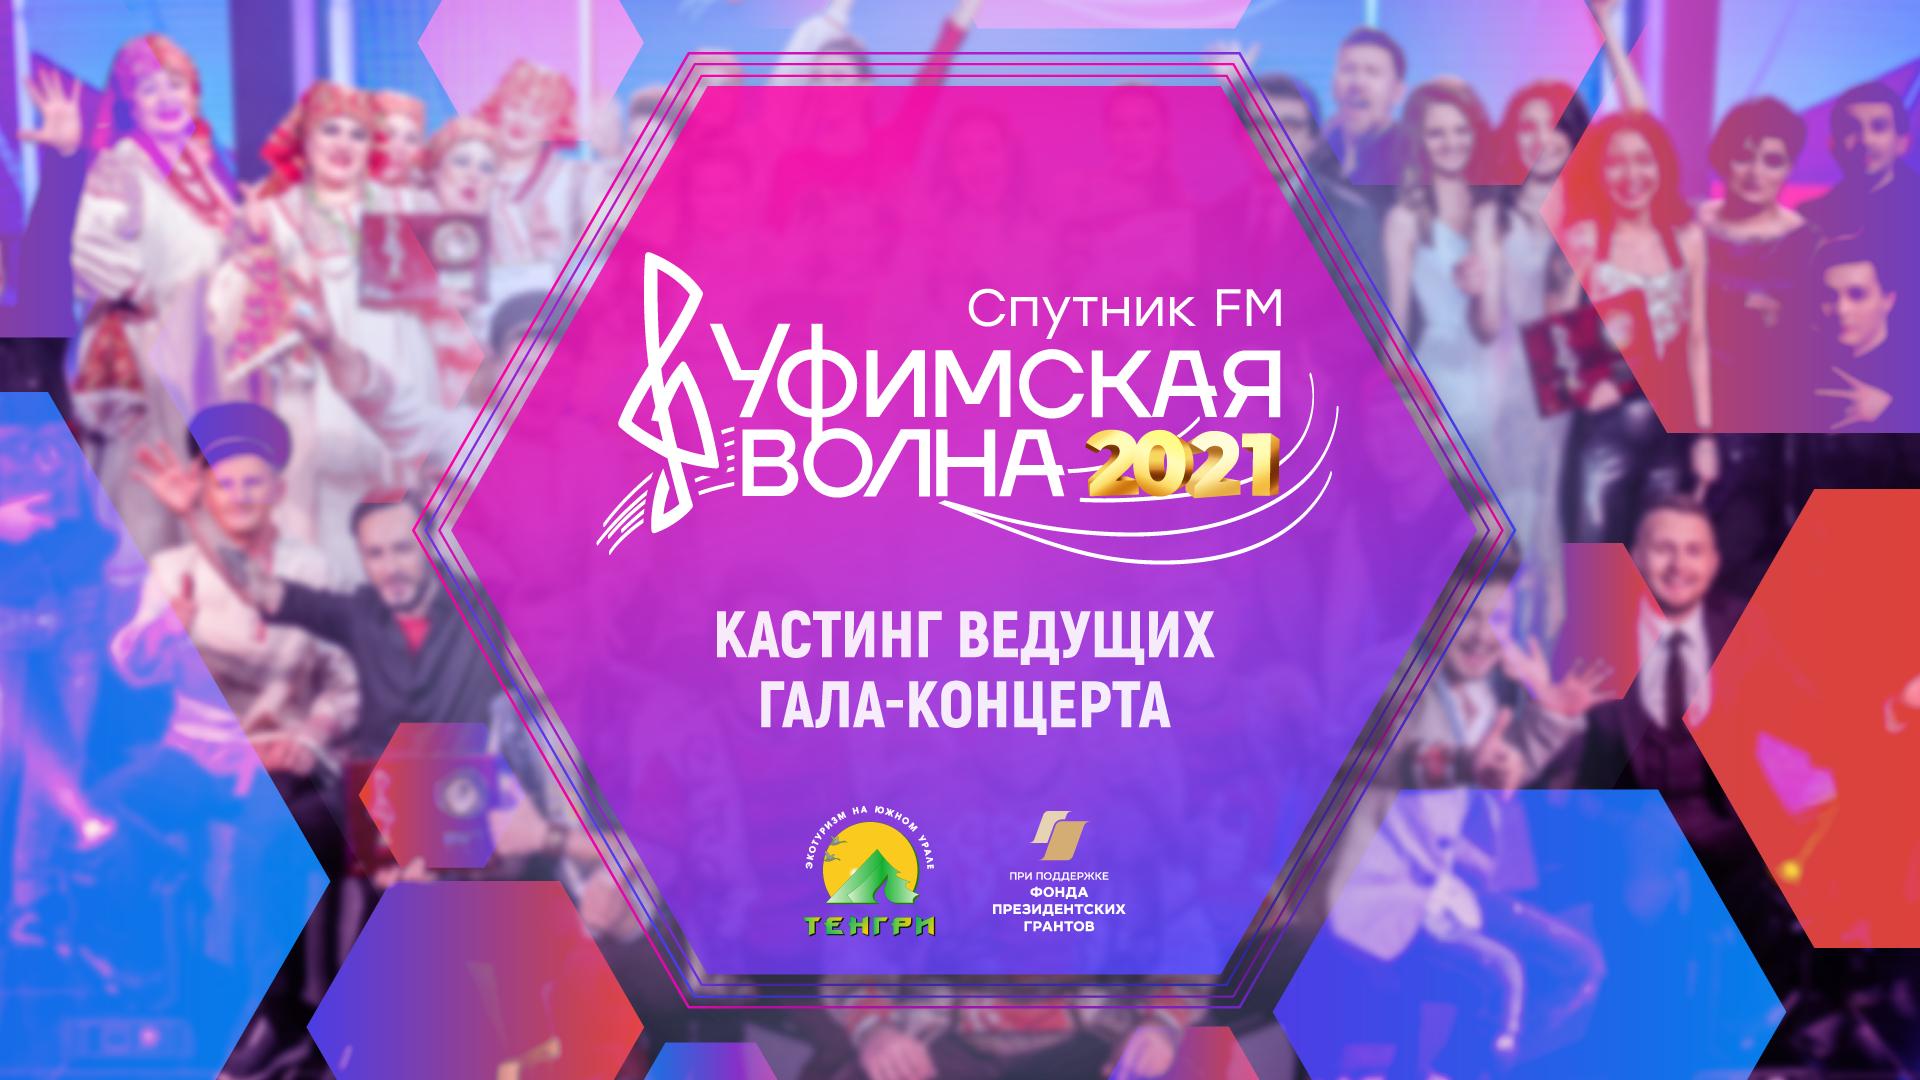 Уфимская Волна 2021. Кастинг ведущих финала!